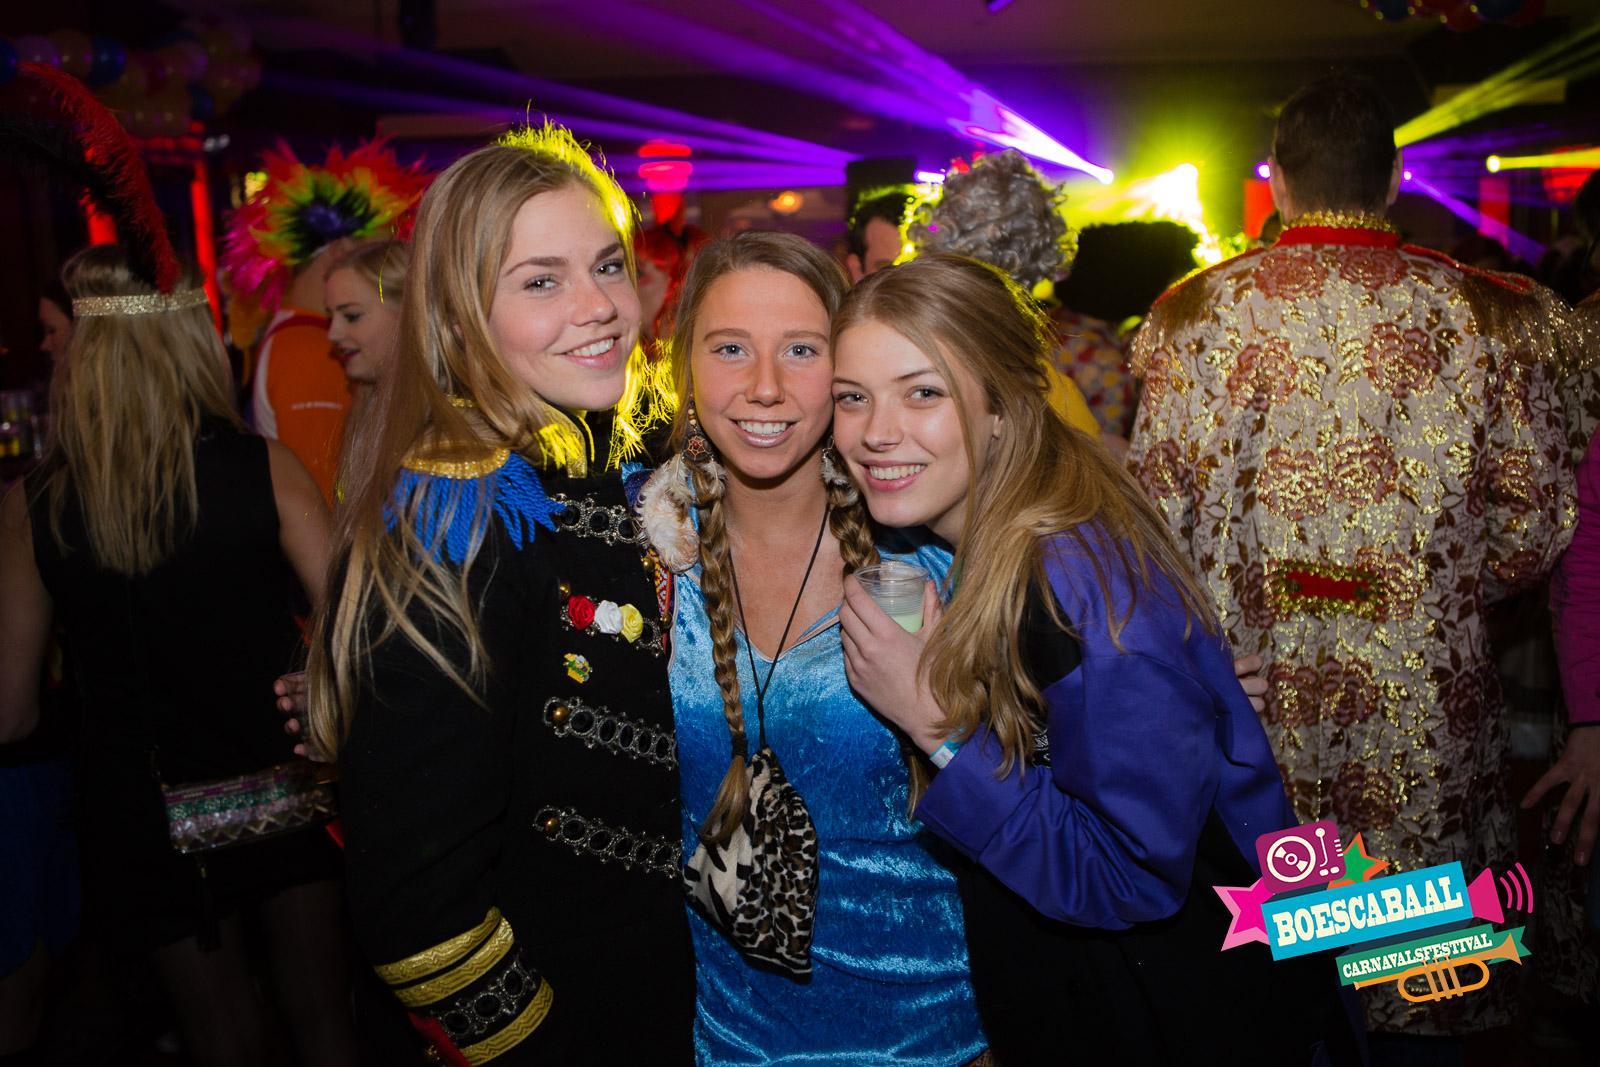 BoesCabaal Carnavalsfestival voor jong en oud met DJ kapellen en live feestmuziek